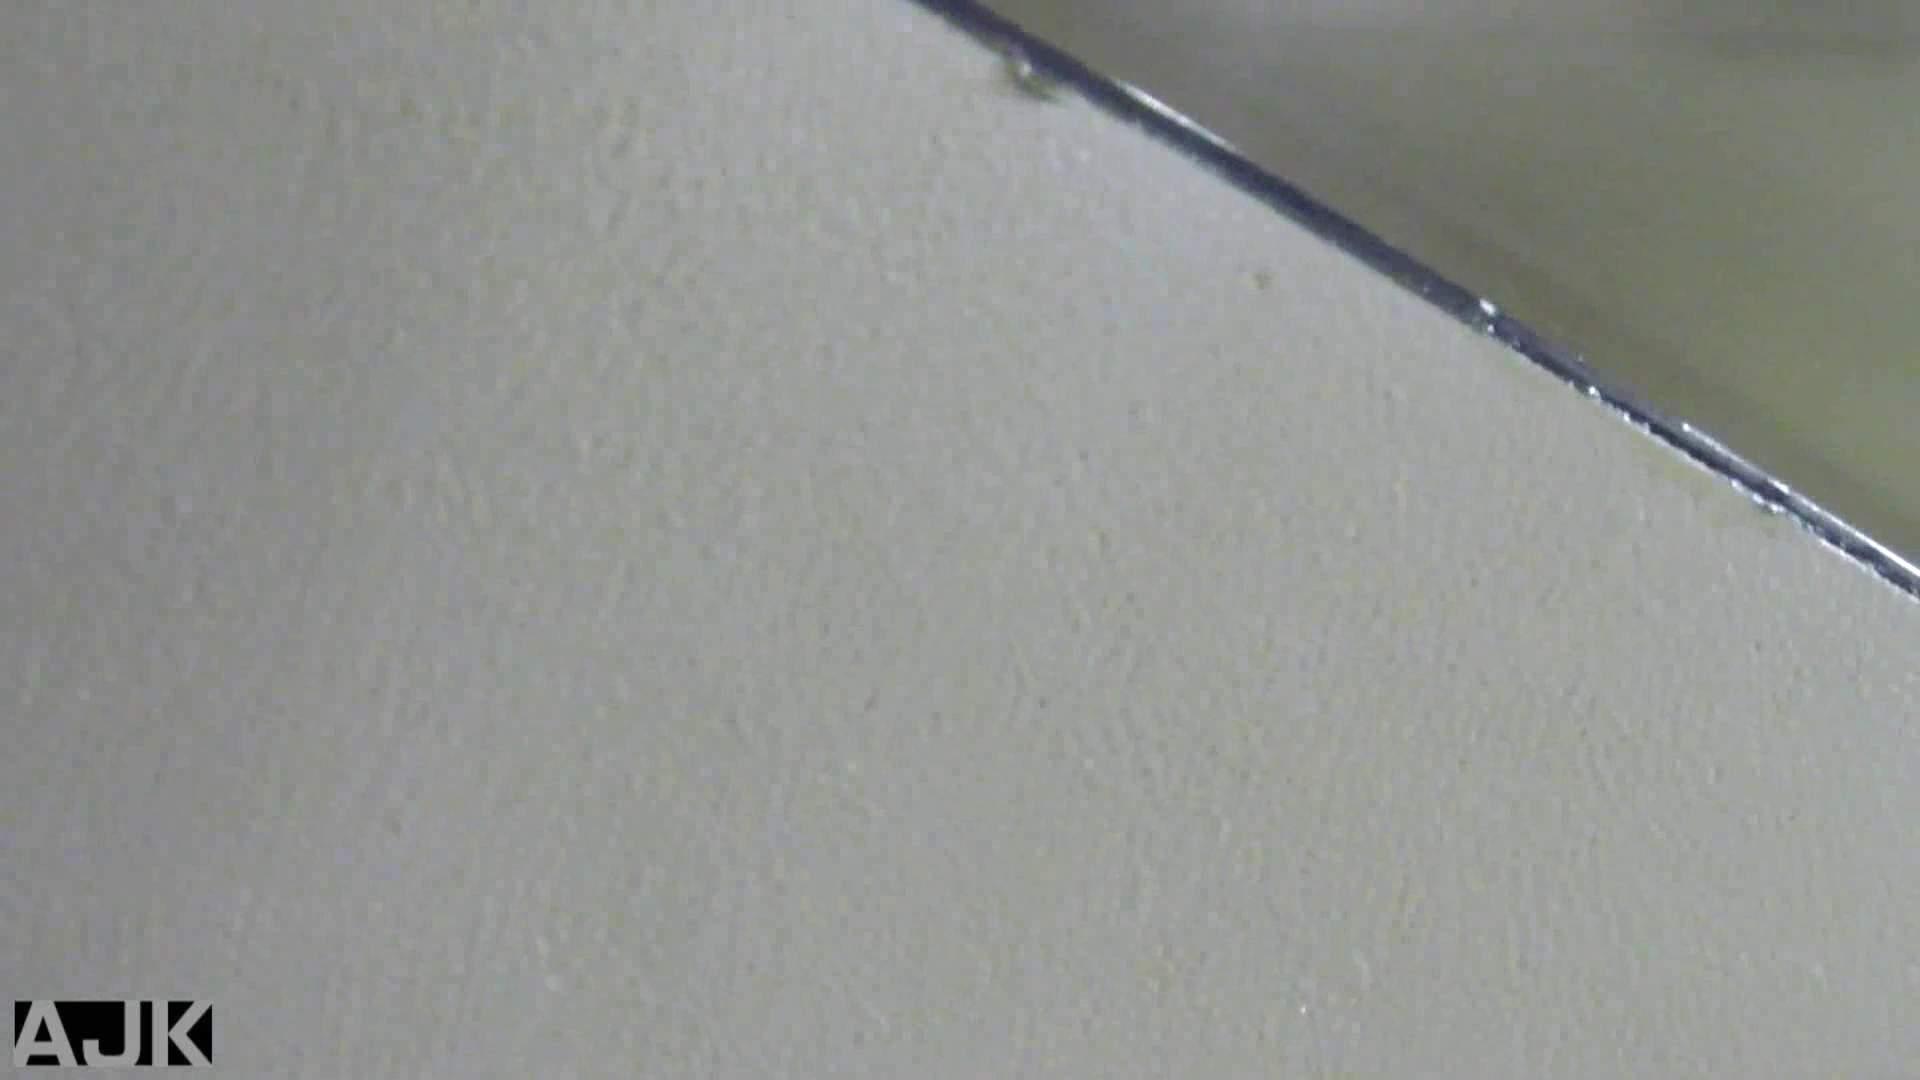 神降臨!史上最強の潜入かわや! vol.04 モロだしオマンコ セックス画像 104pic 86